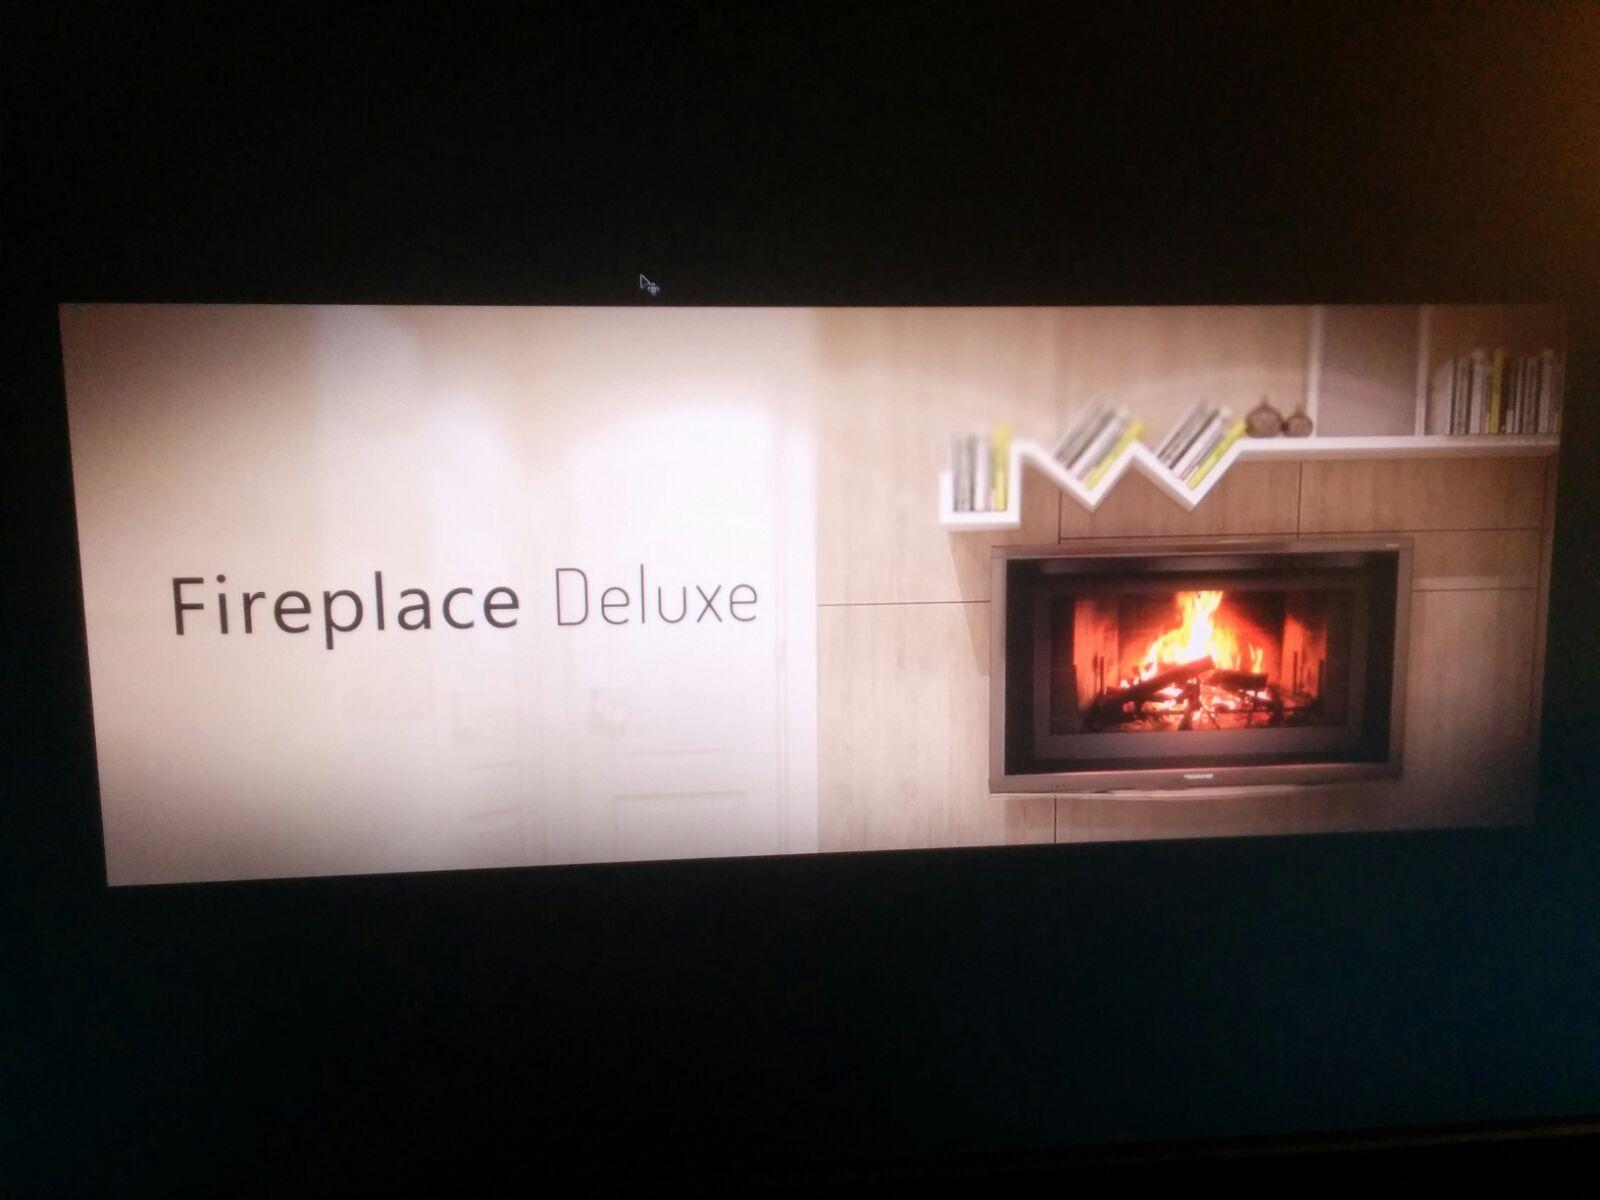 fireplace deluxe apple tv u2013 ignacio sánchez ginés